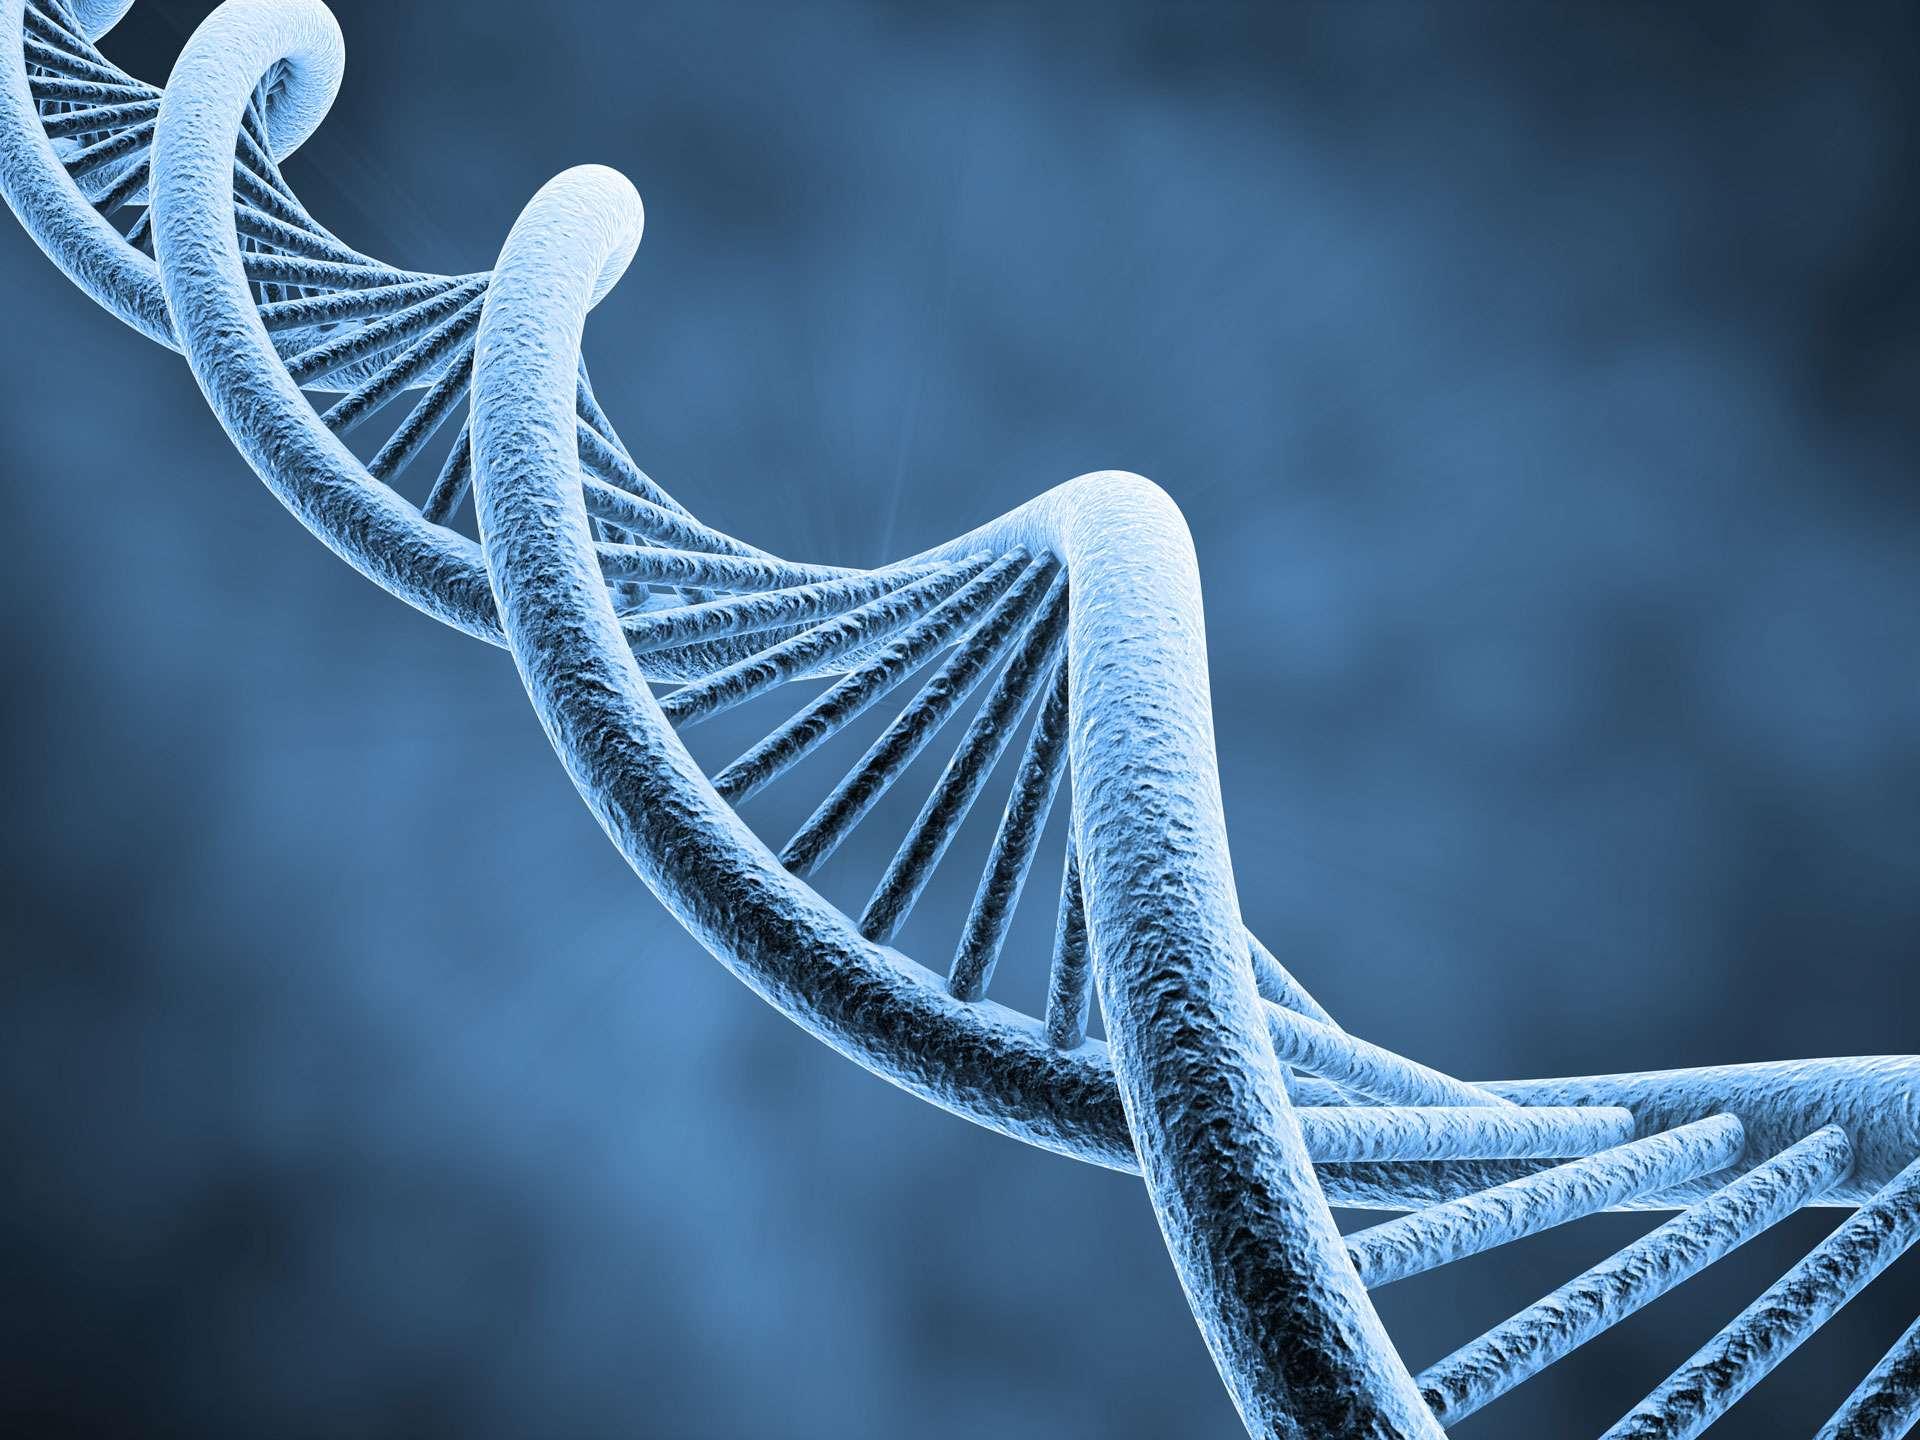 Entenda sobre a fragmentação do DNA espermático